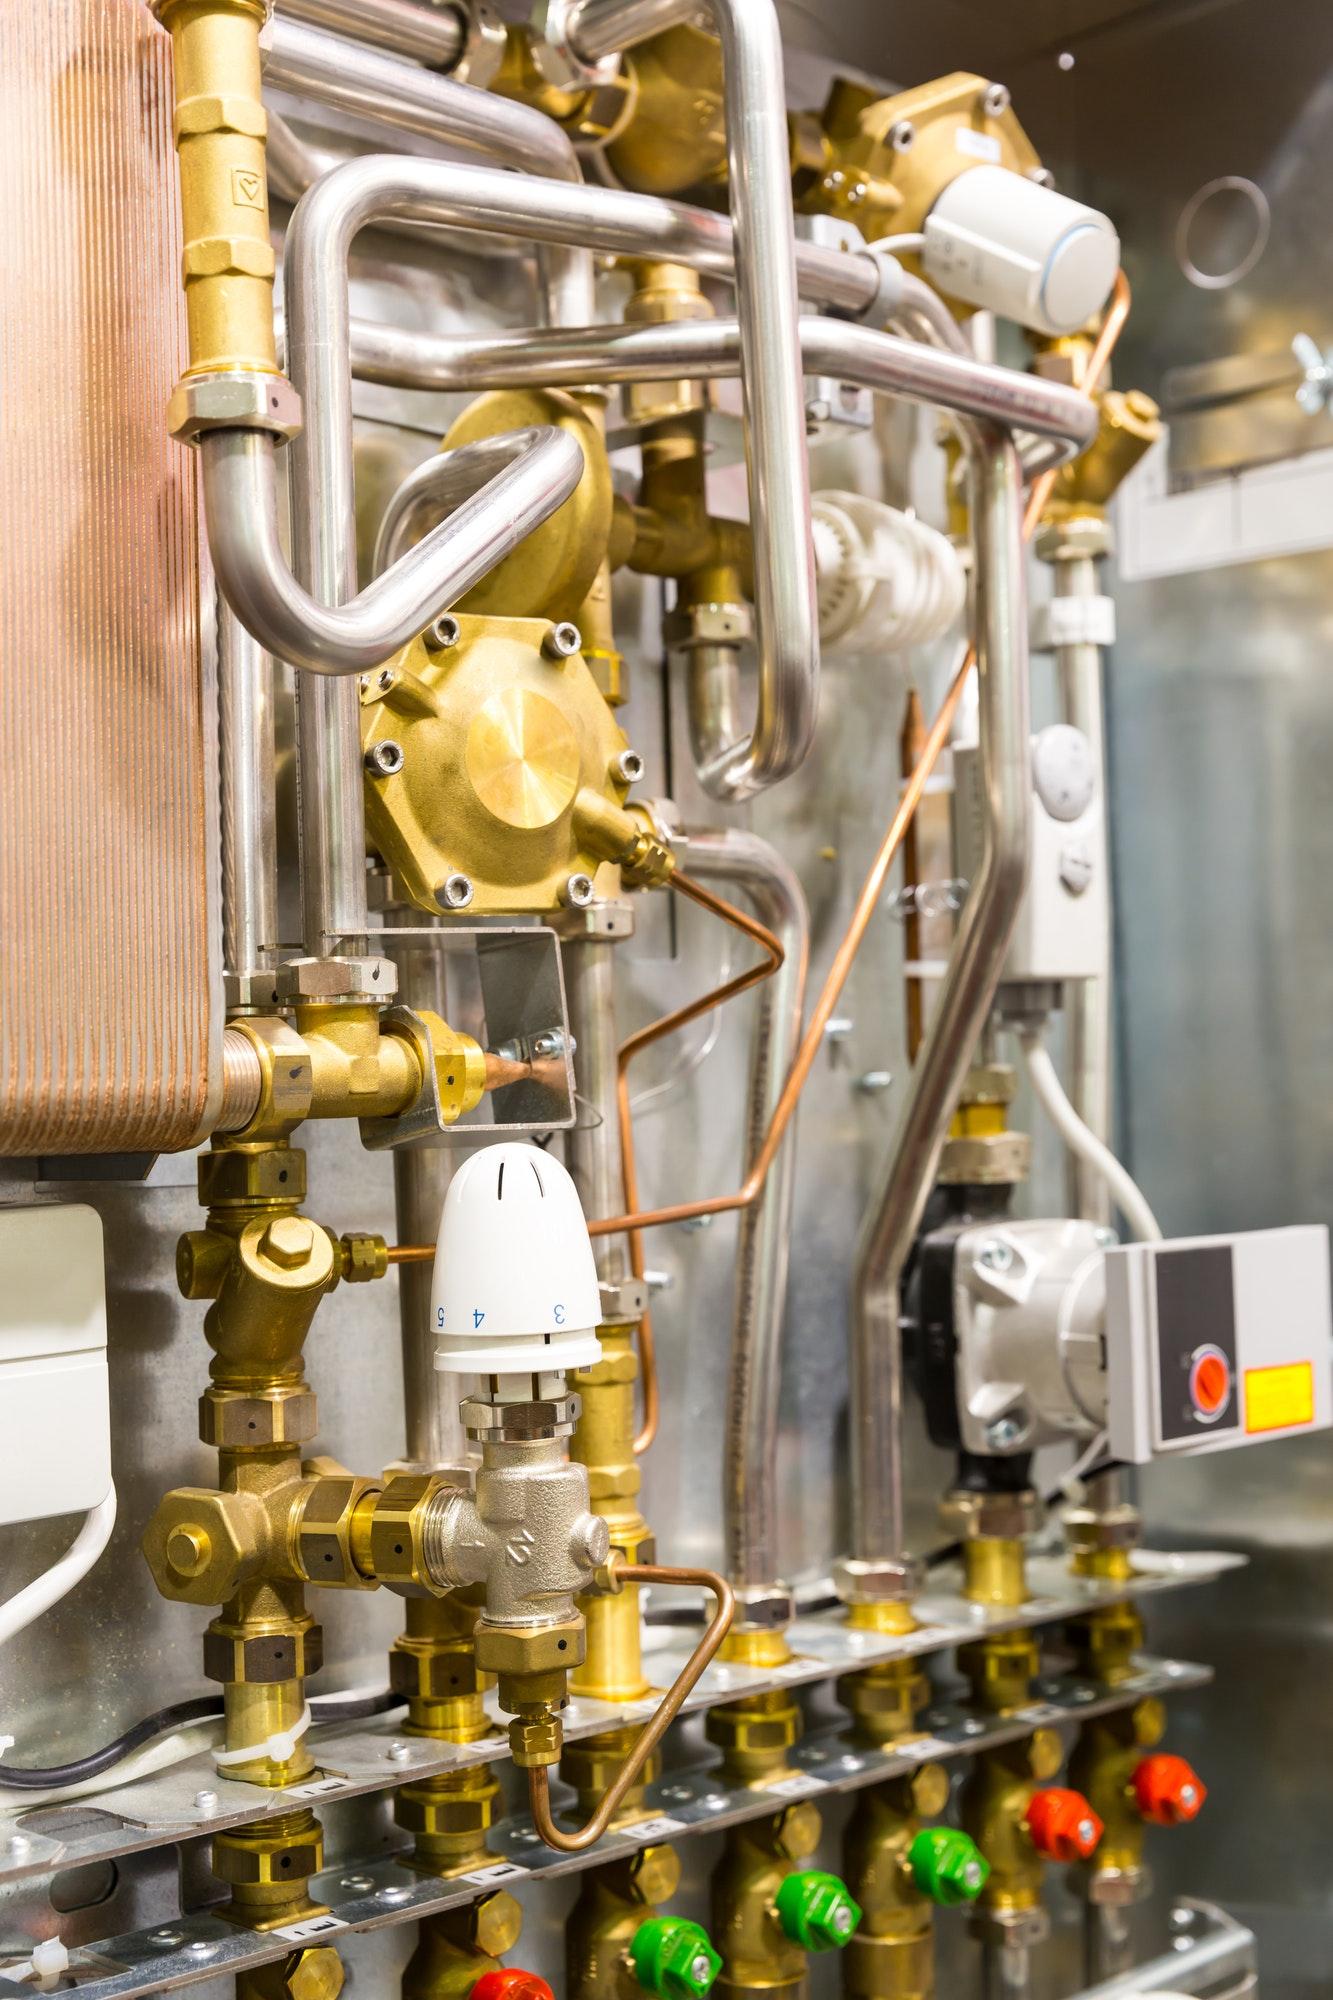 installazione caldaie Fratelli Panzeri idraulico Lecco